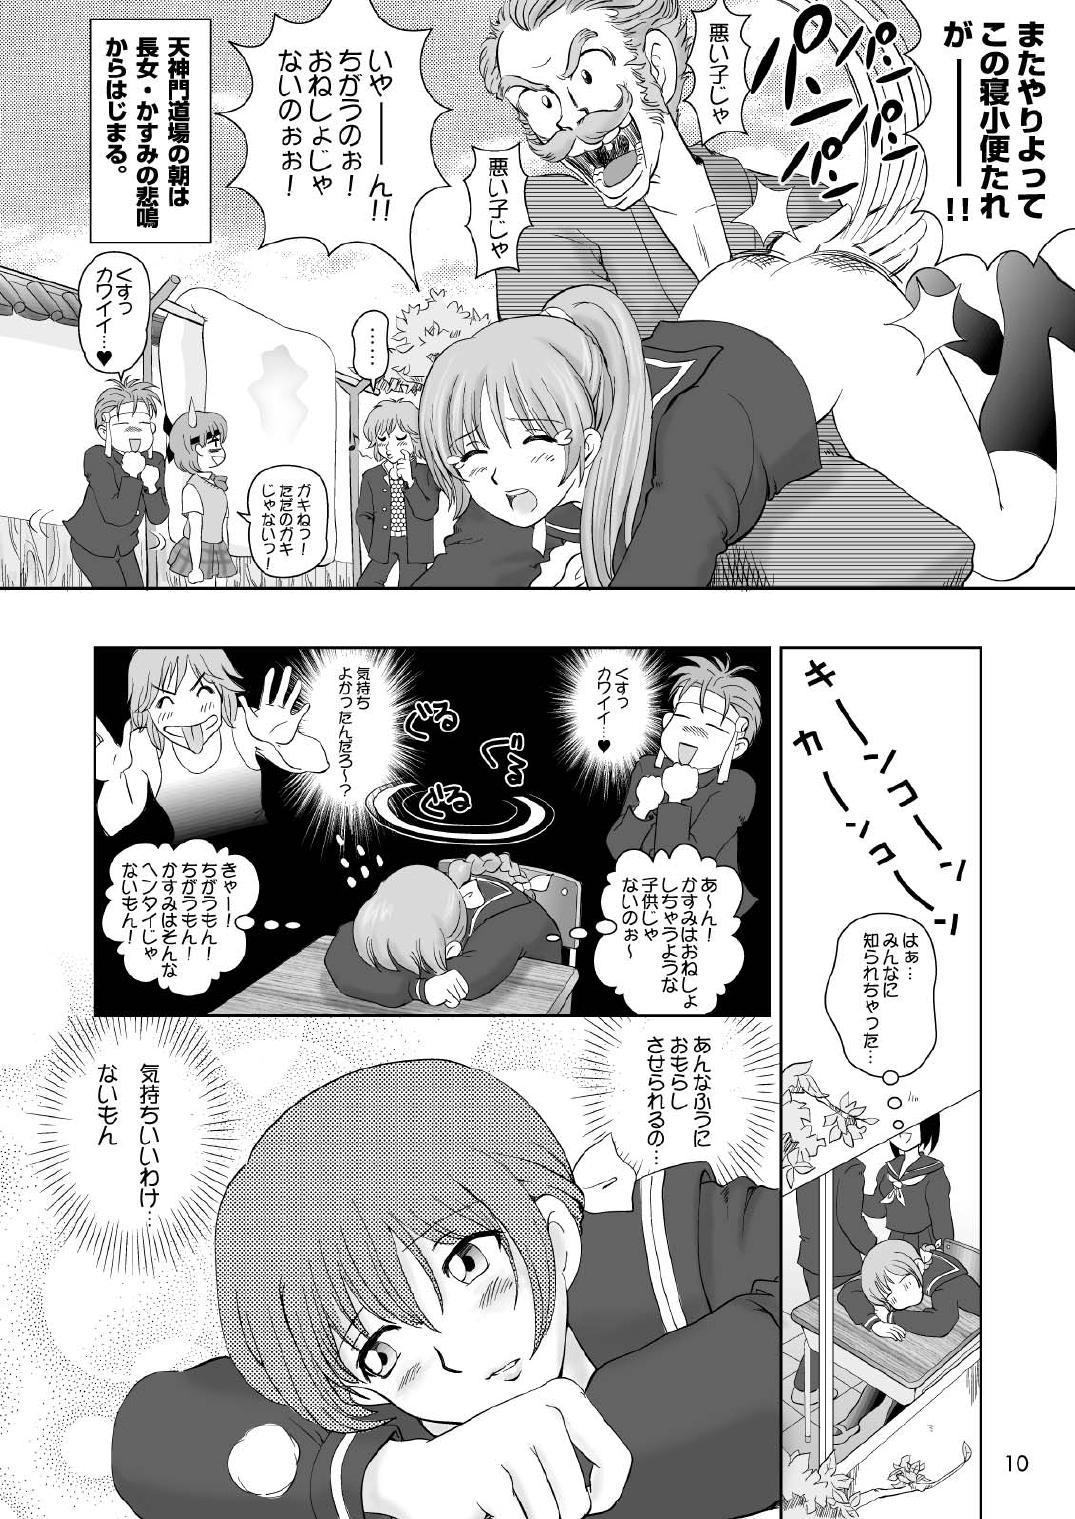 Sugoiyo!! Kasumi-chan 2 9